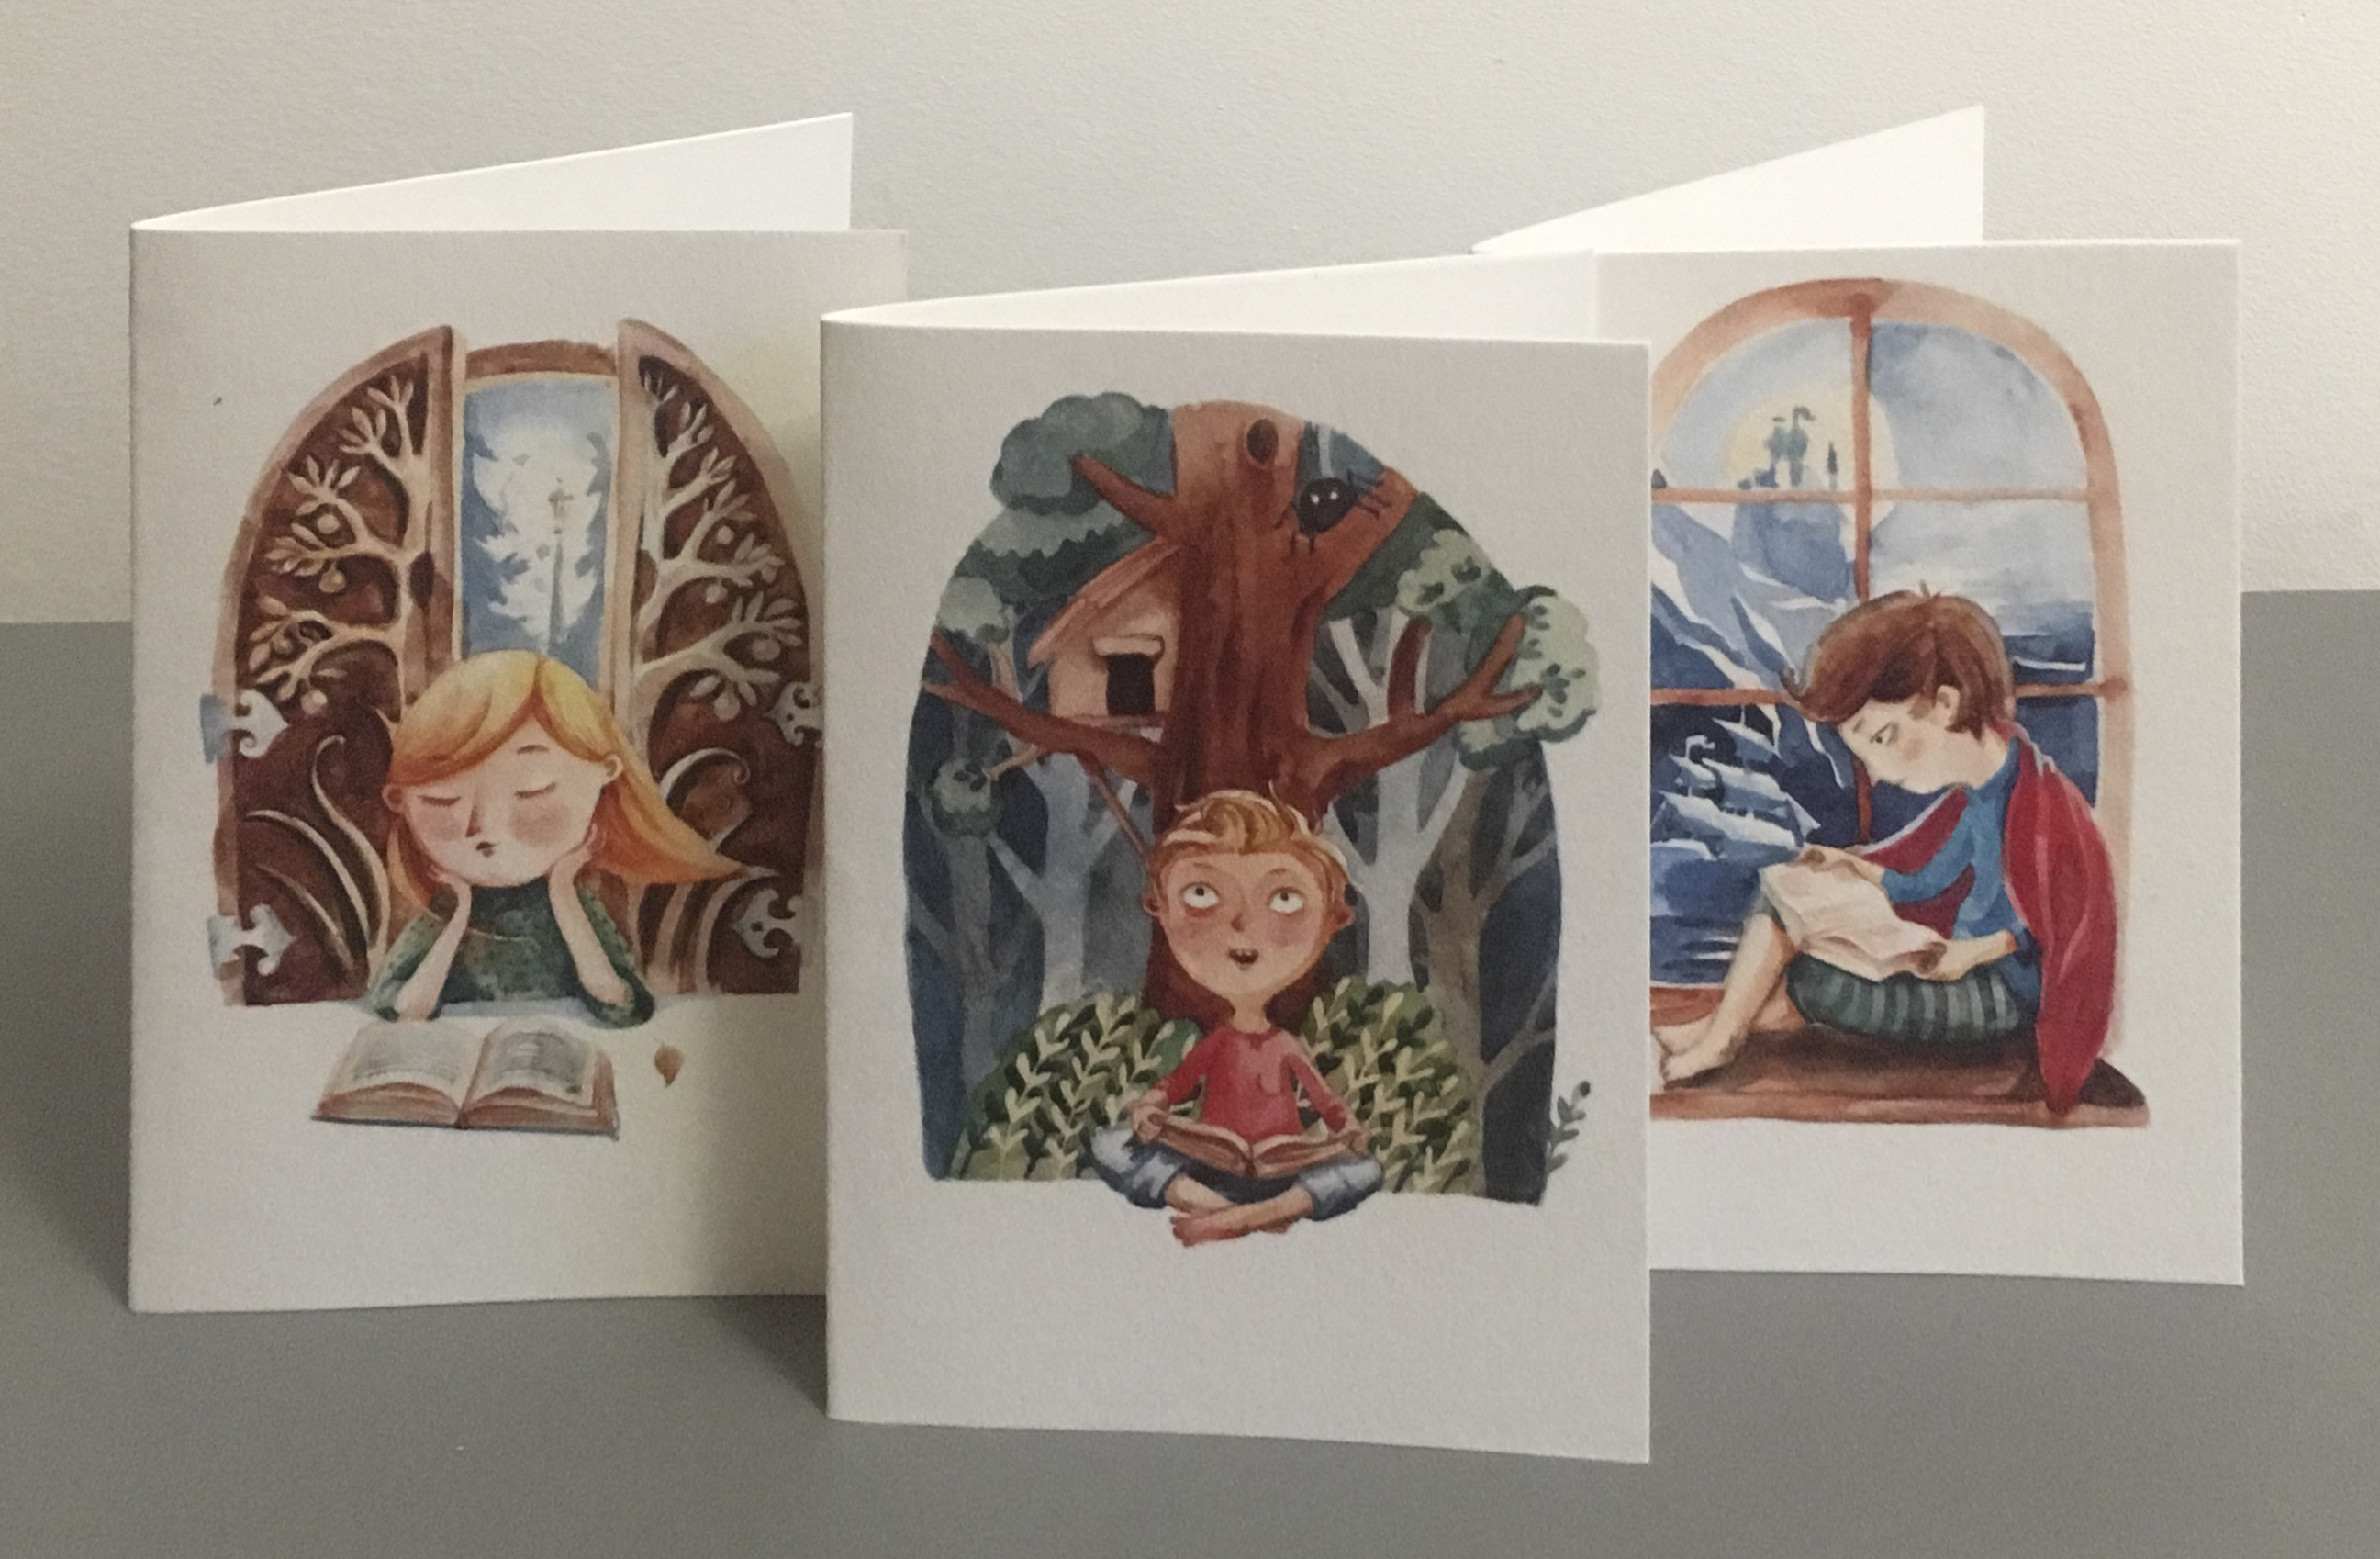 imprimibles para inspirar la lectura, tarjetas para regalar